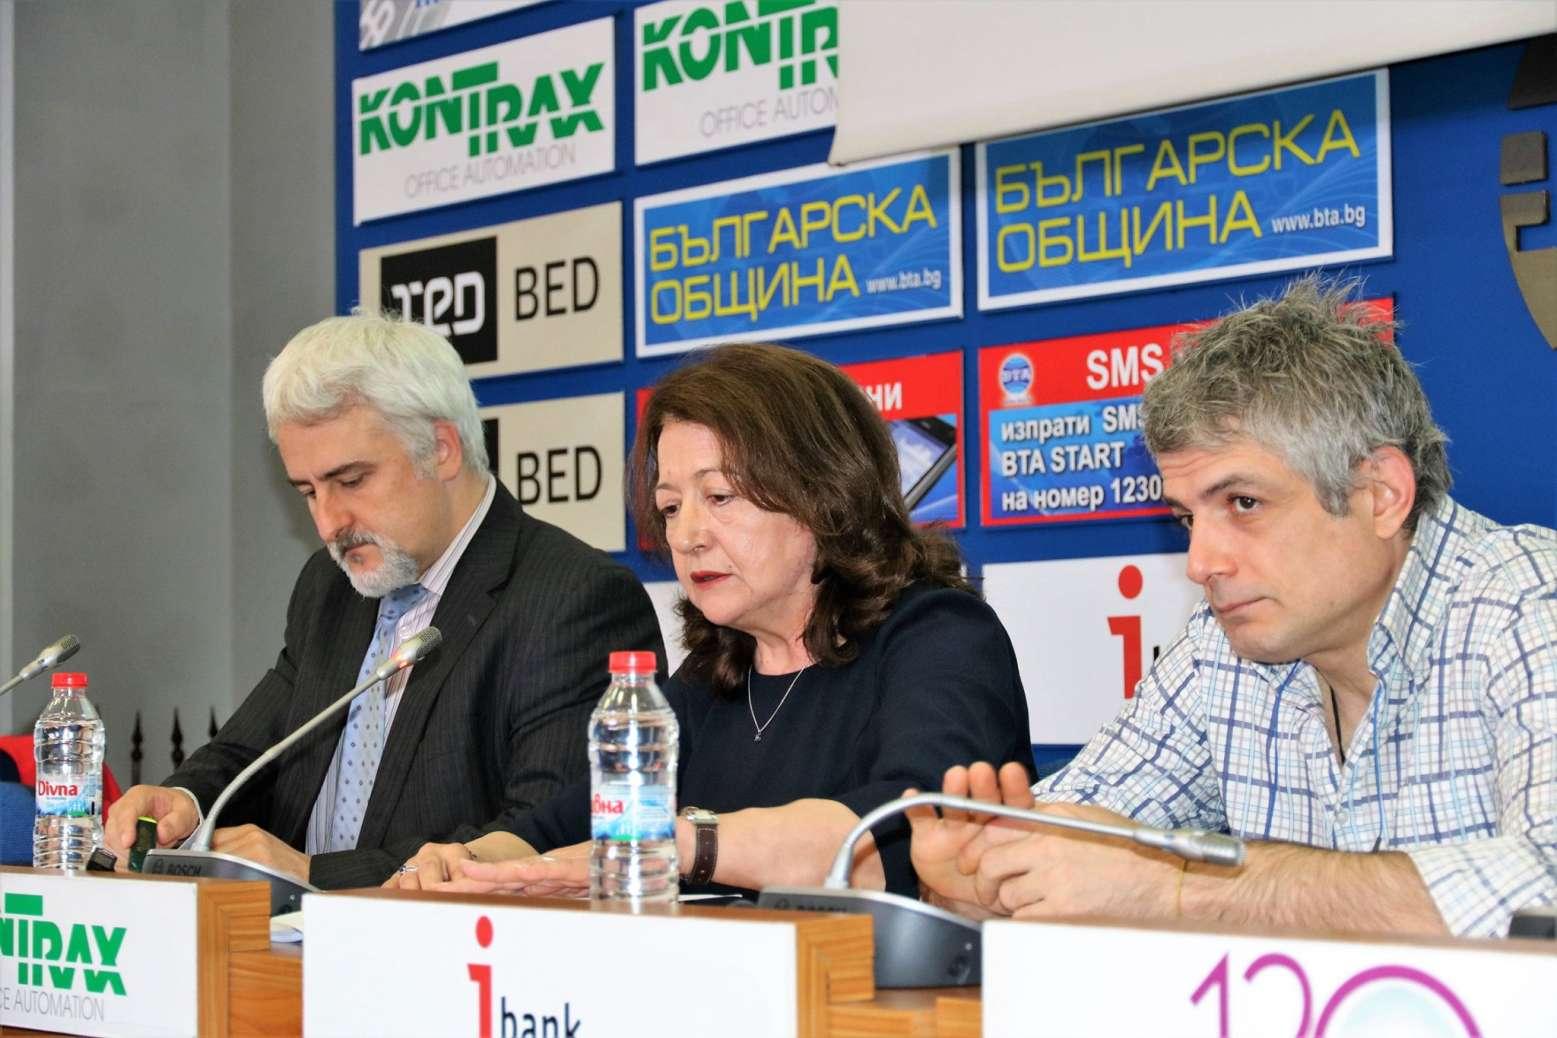 Сайтовете на Община Пещера и РИОСВ-Пазарджик са отличници в достъпа до информация Септември, Брацигово, Панагюрище, Велинград и Ракитово също са в челото